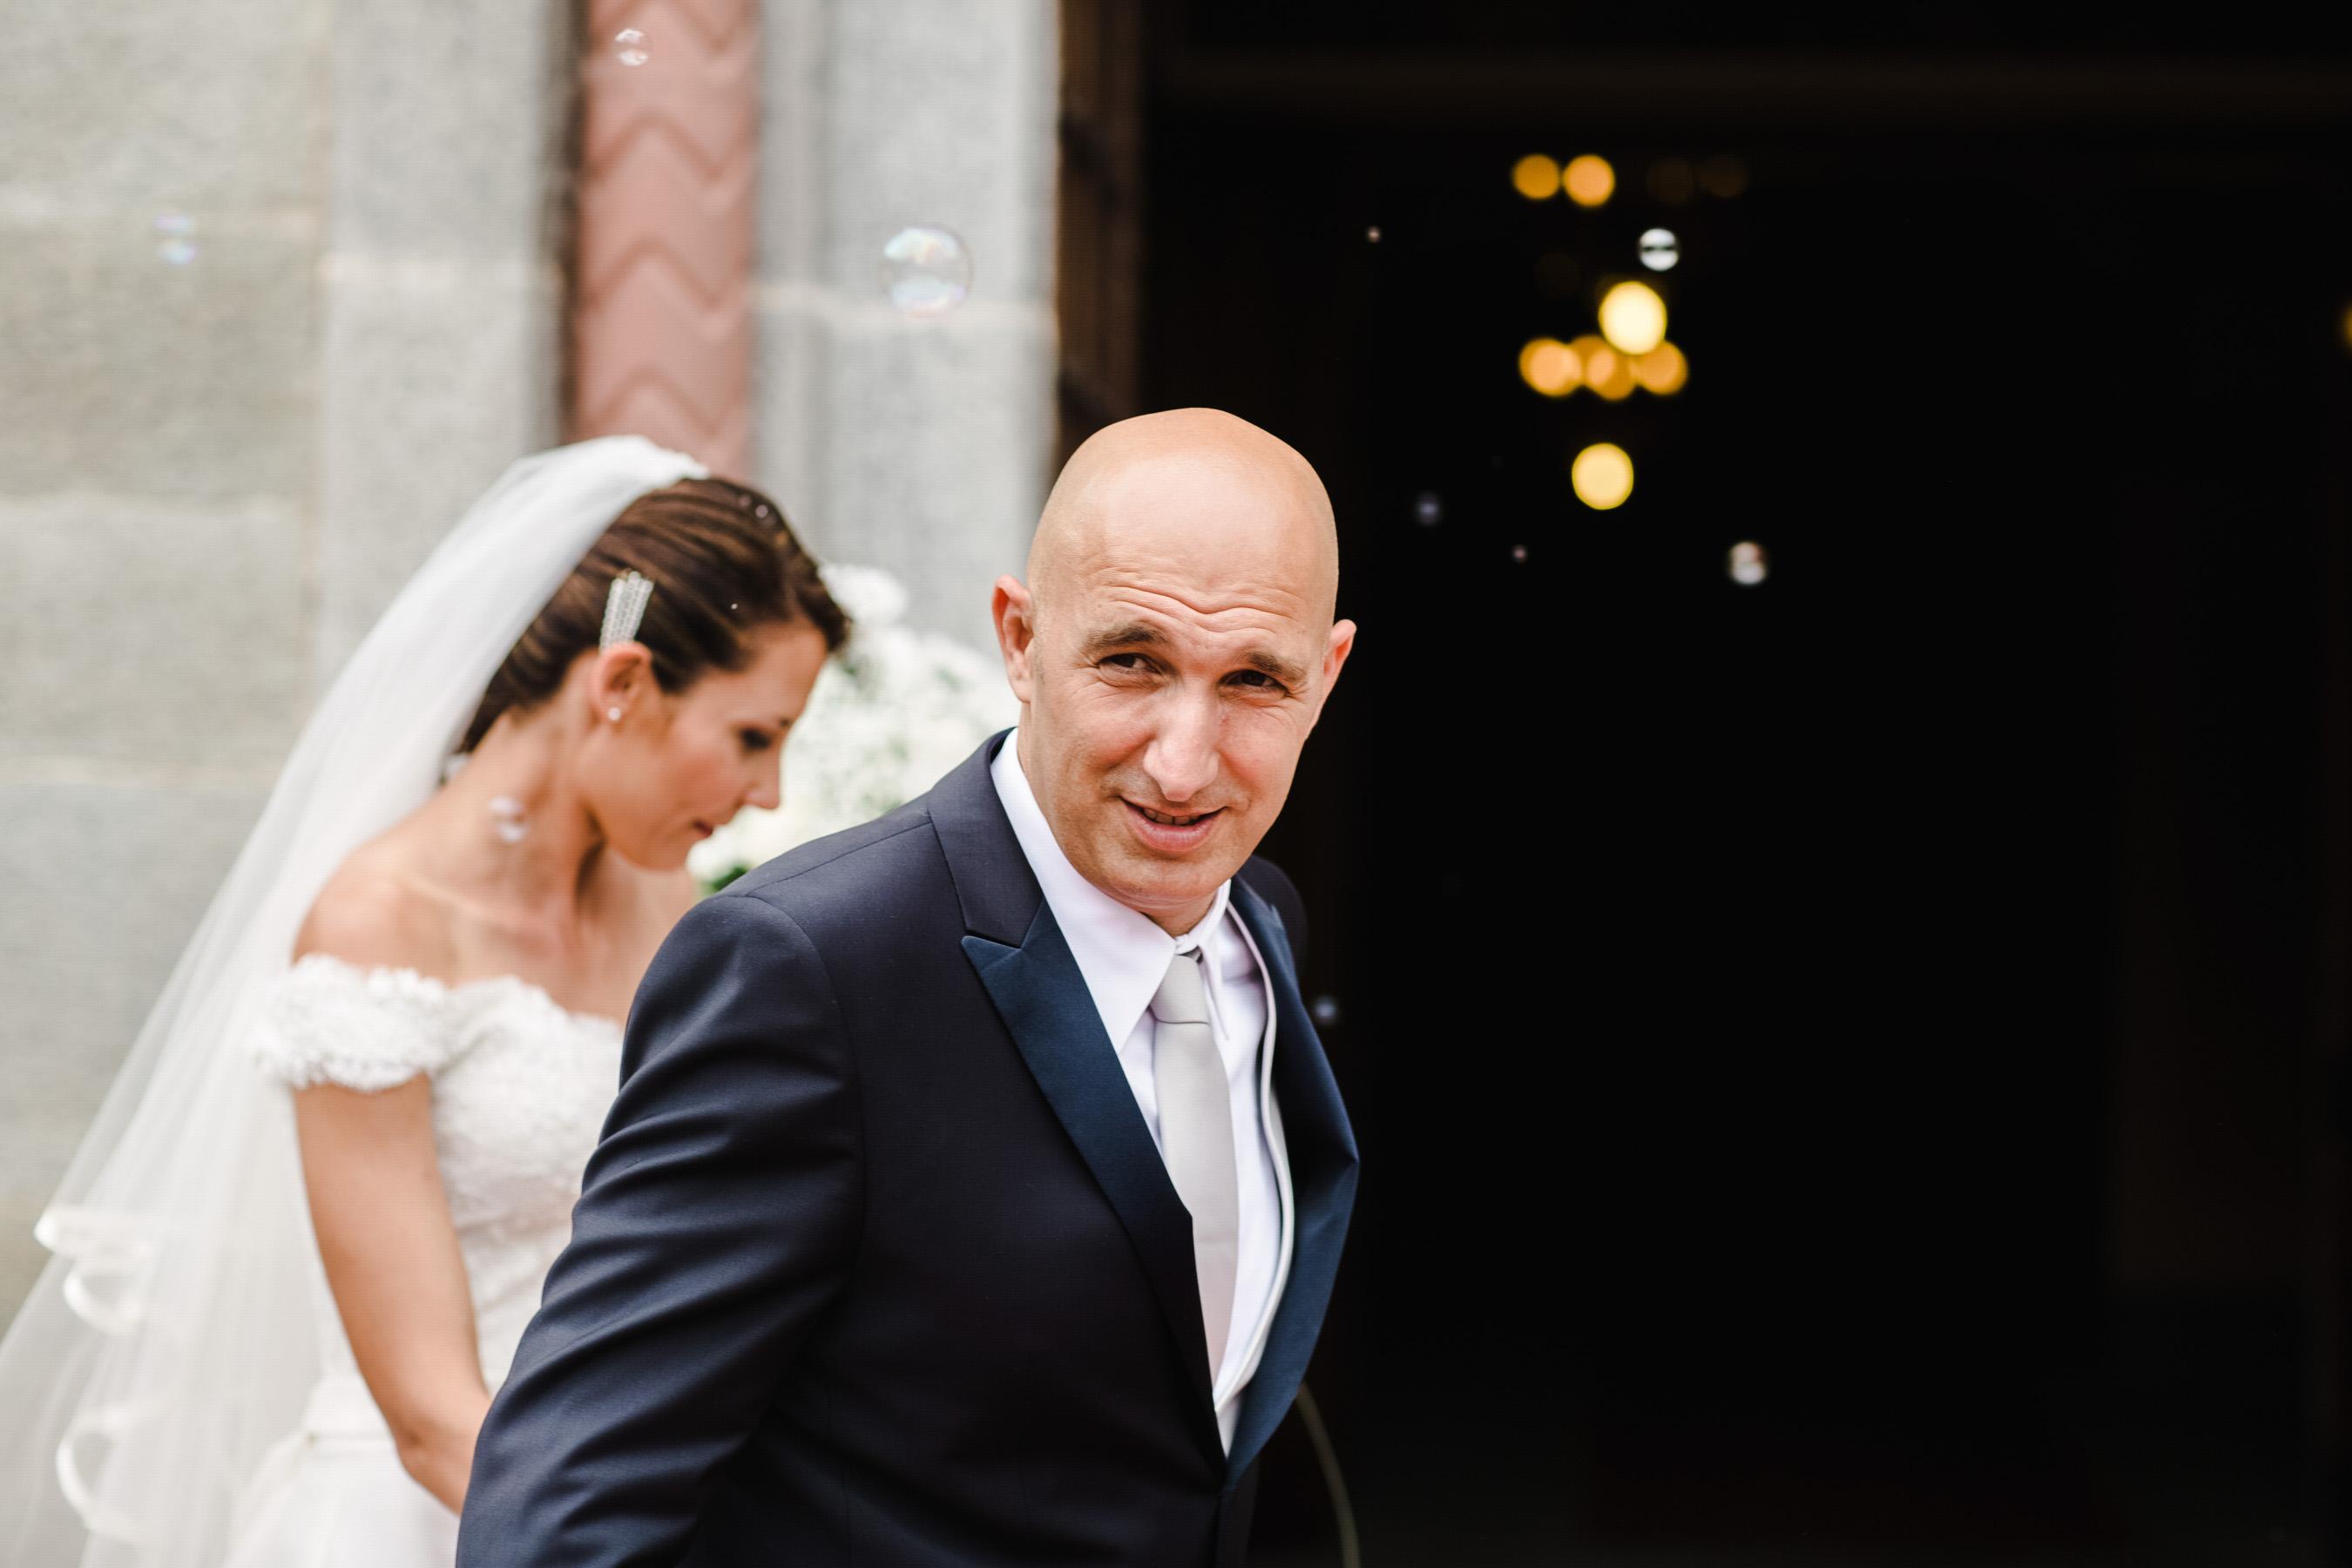 art foto_torino_monica sica photography_la vià _cavour_ fotografo matrimonio_torino-36